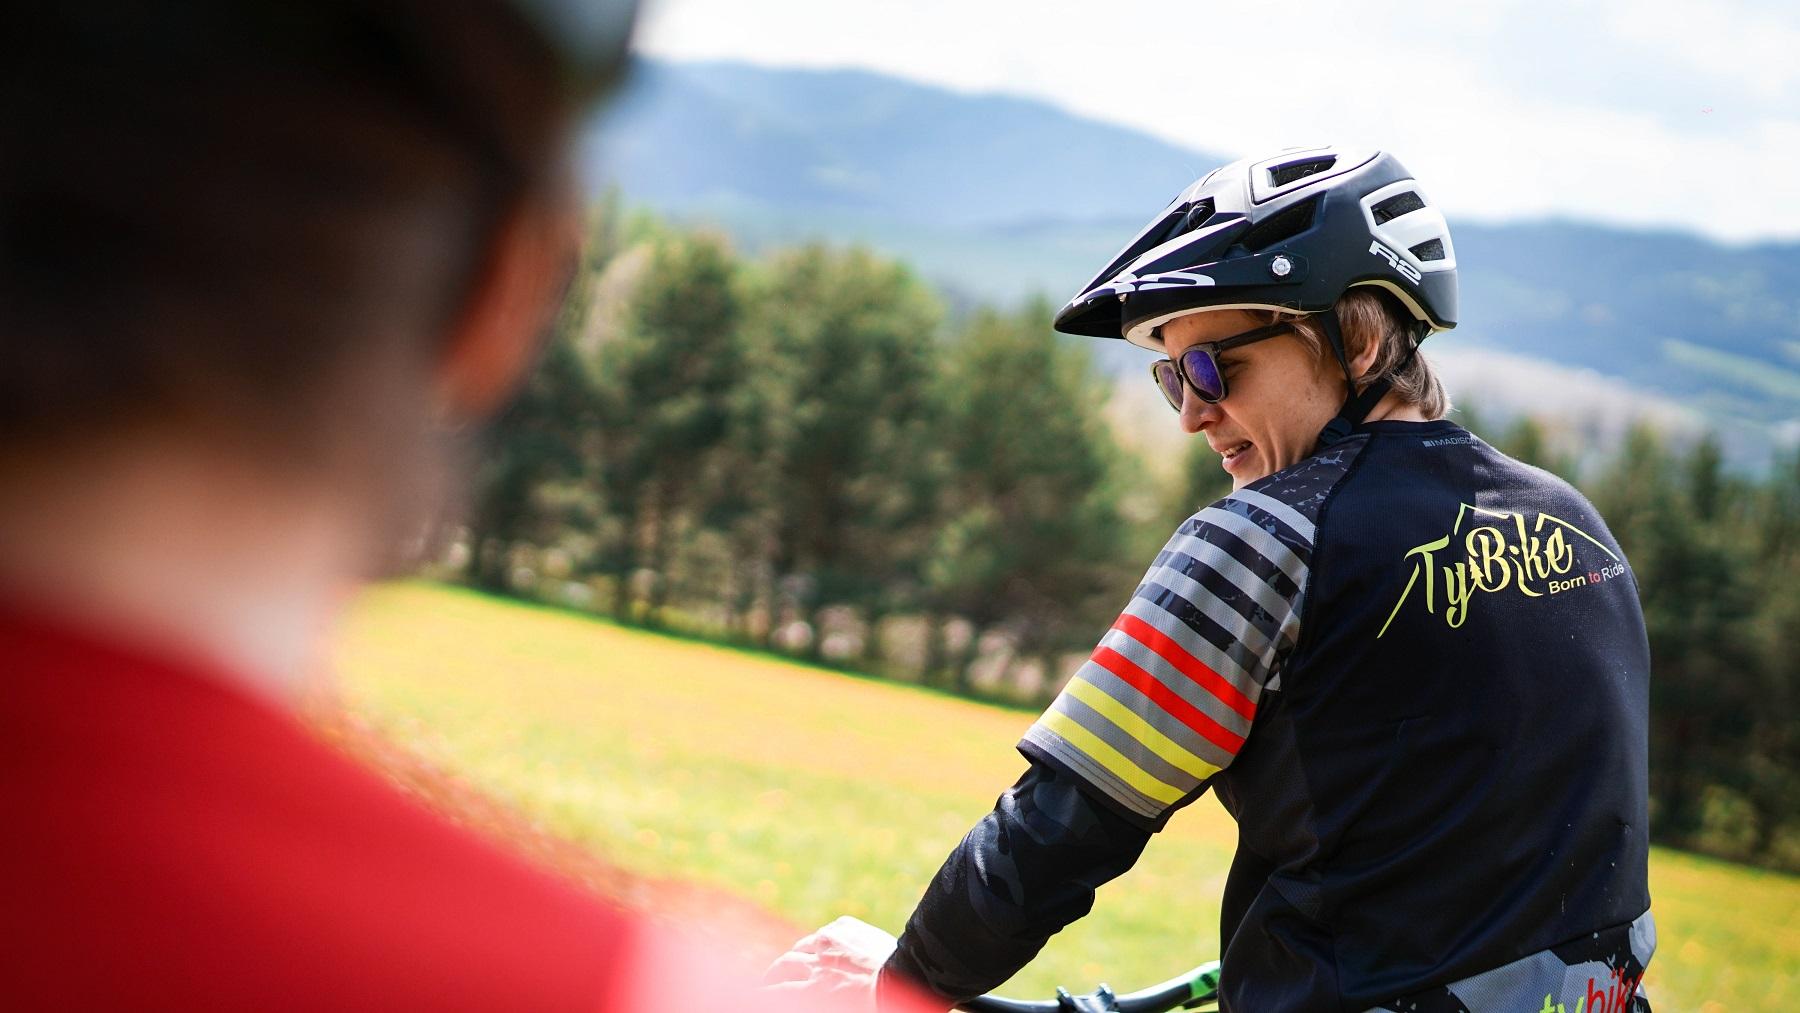 bike-škola-cyklokemp-tybike-18